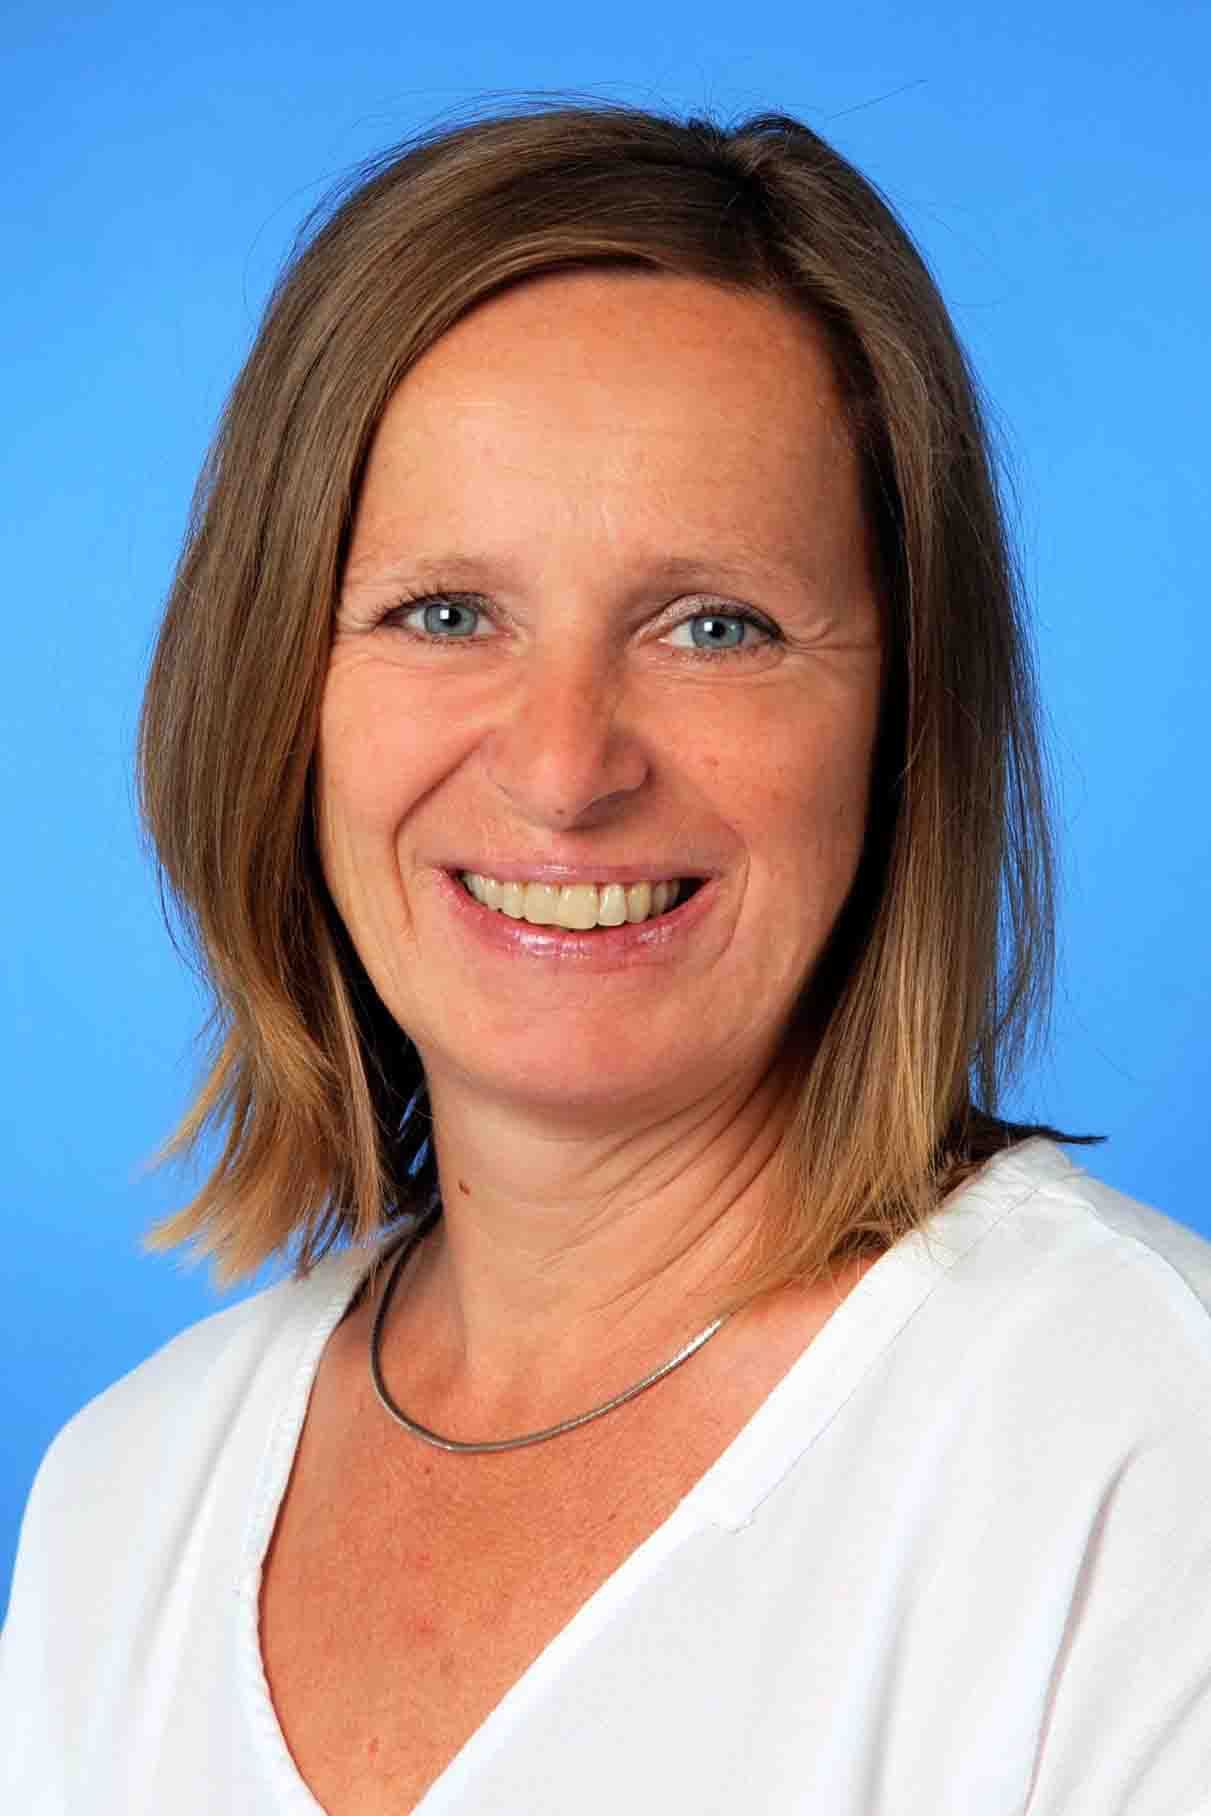 Eva Maier